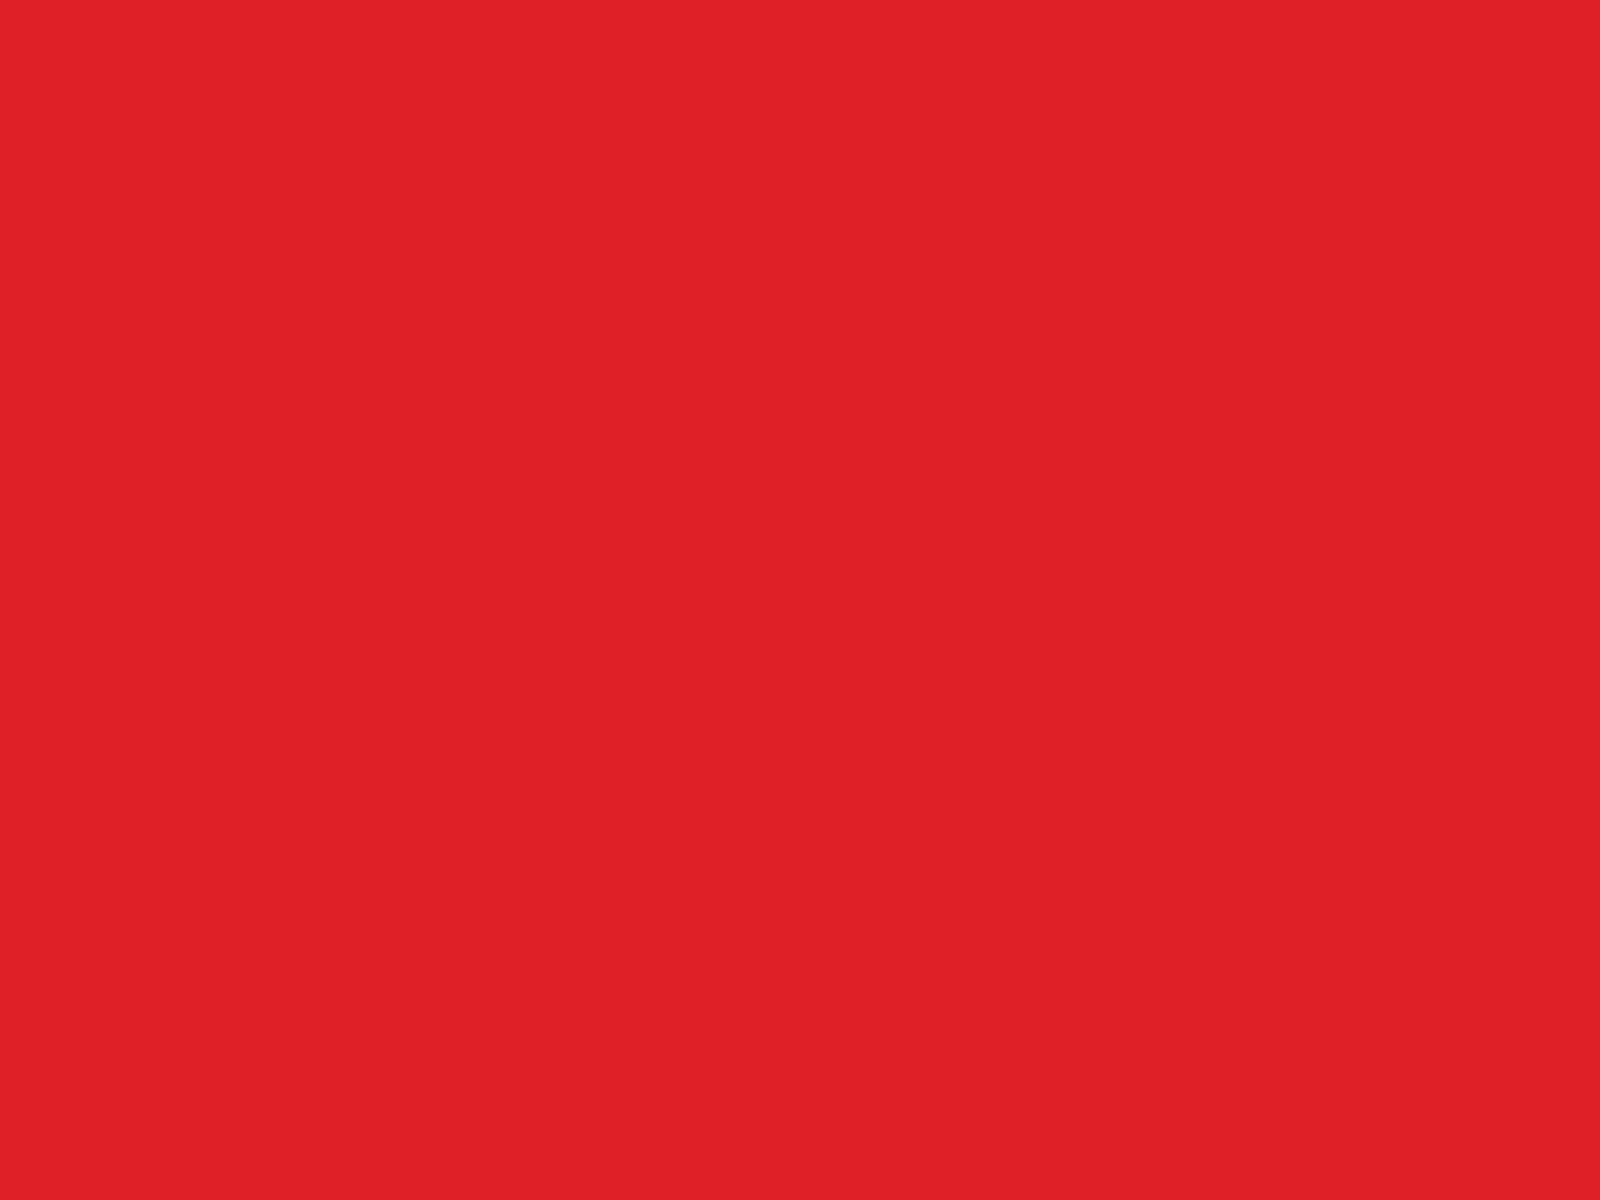 流血のイメージ・レッドオーシャンのイメージ